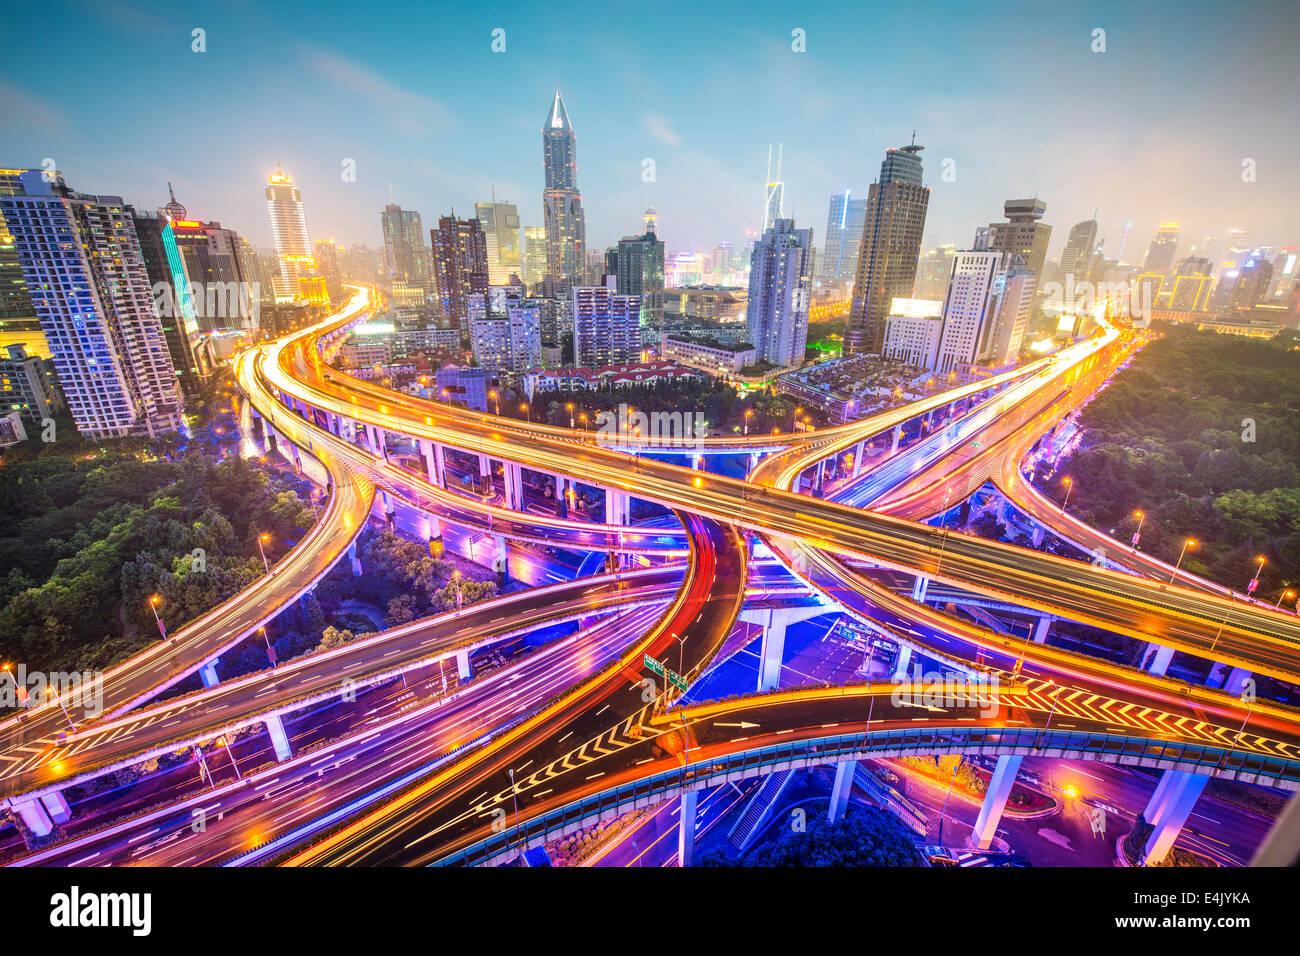 Shanghai, China vista aérea a lo largo de carreteras. Imagen De Stock